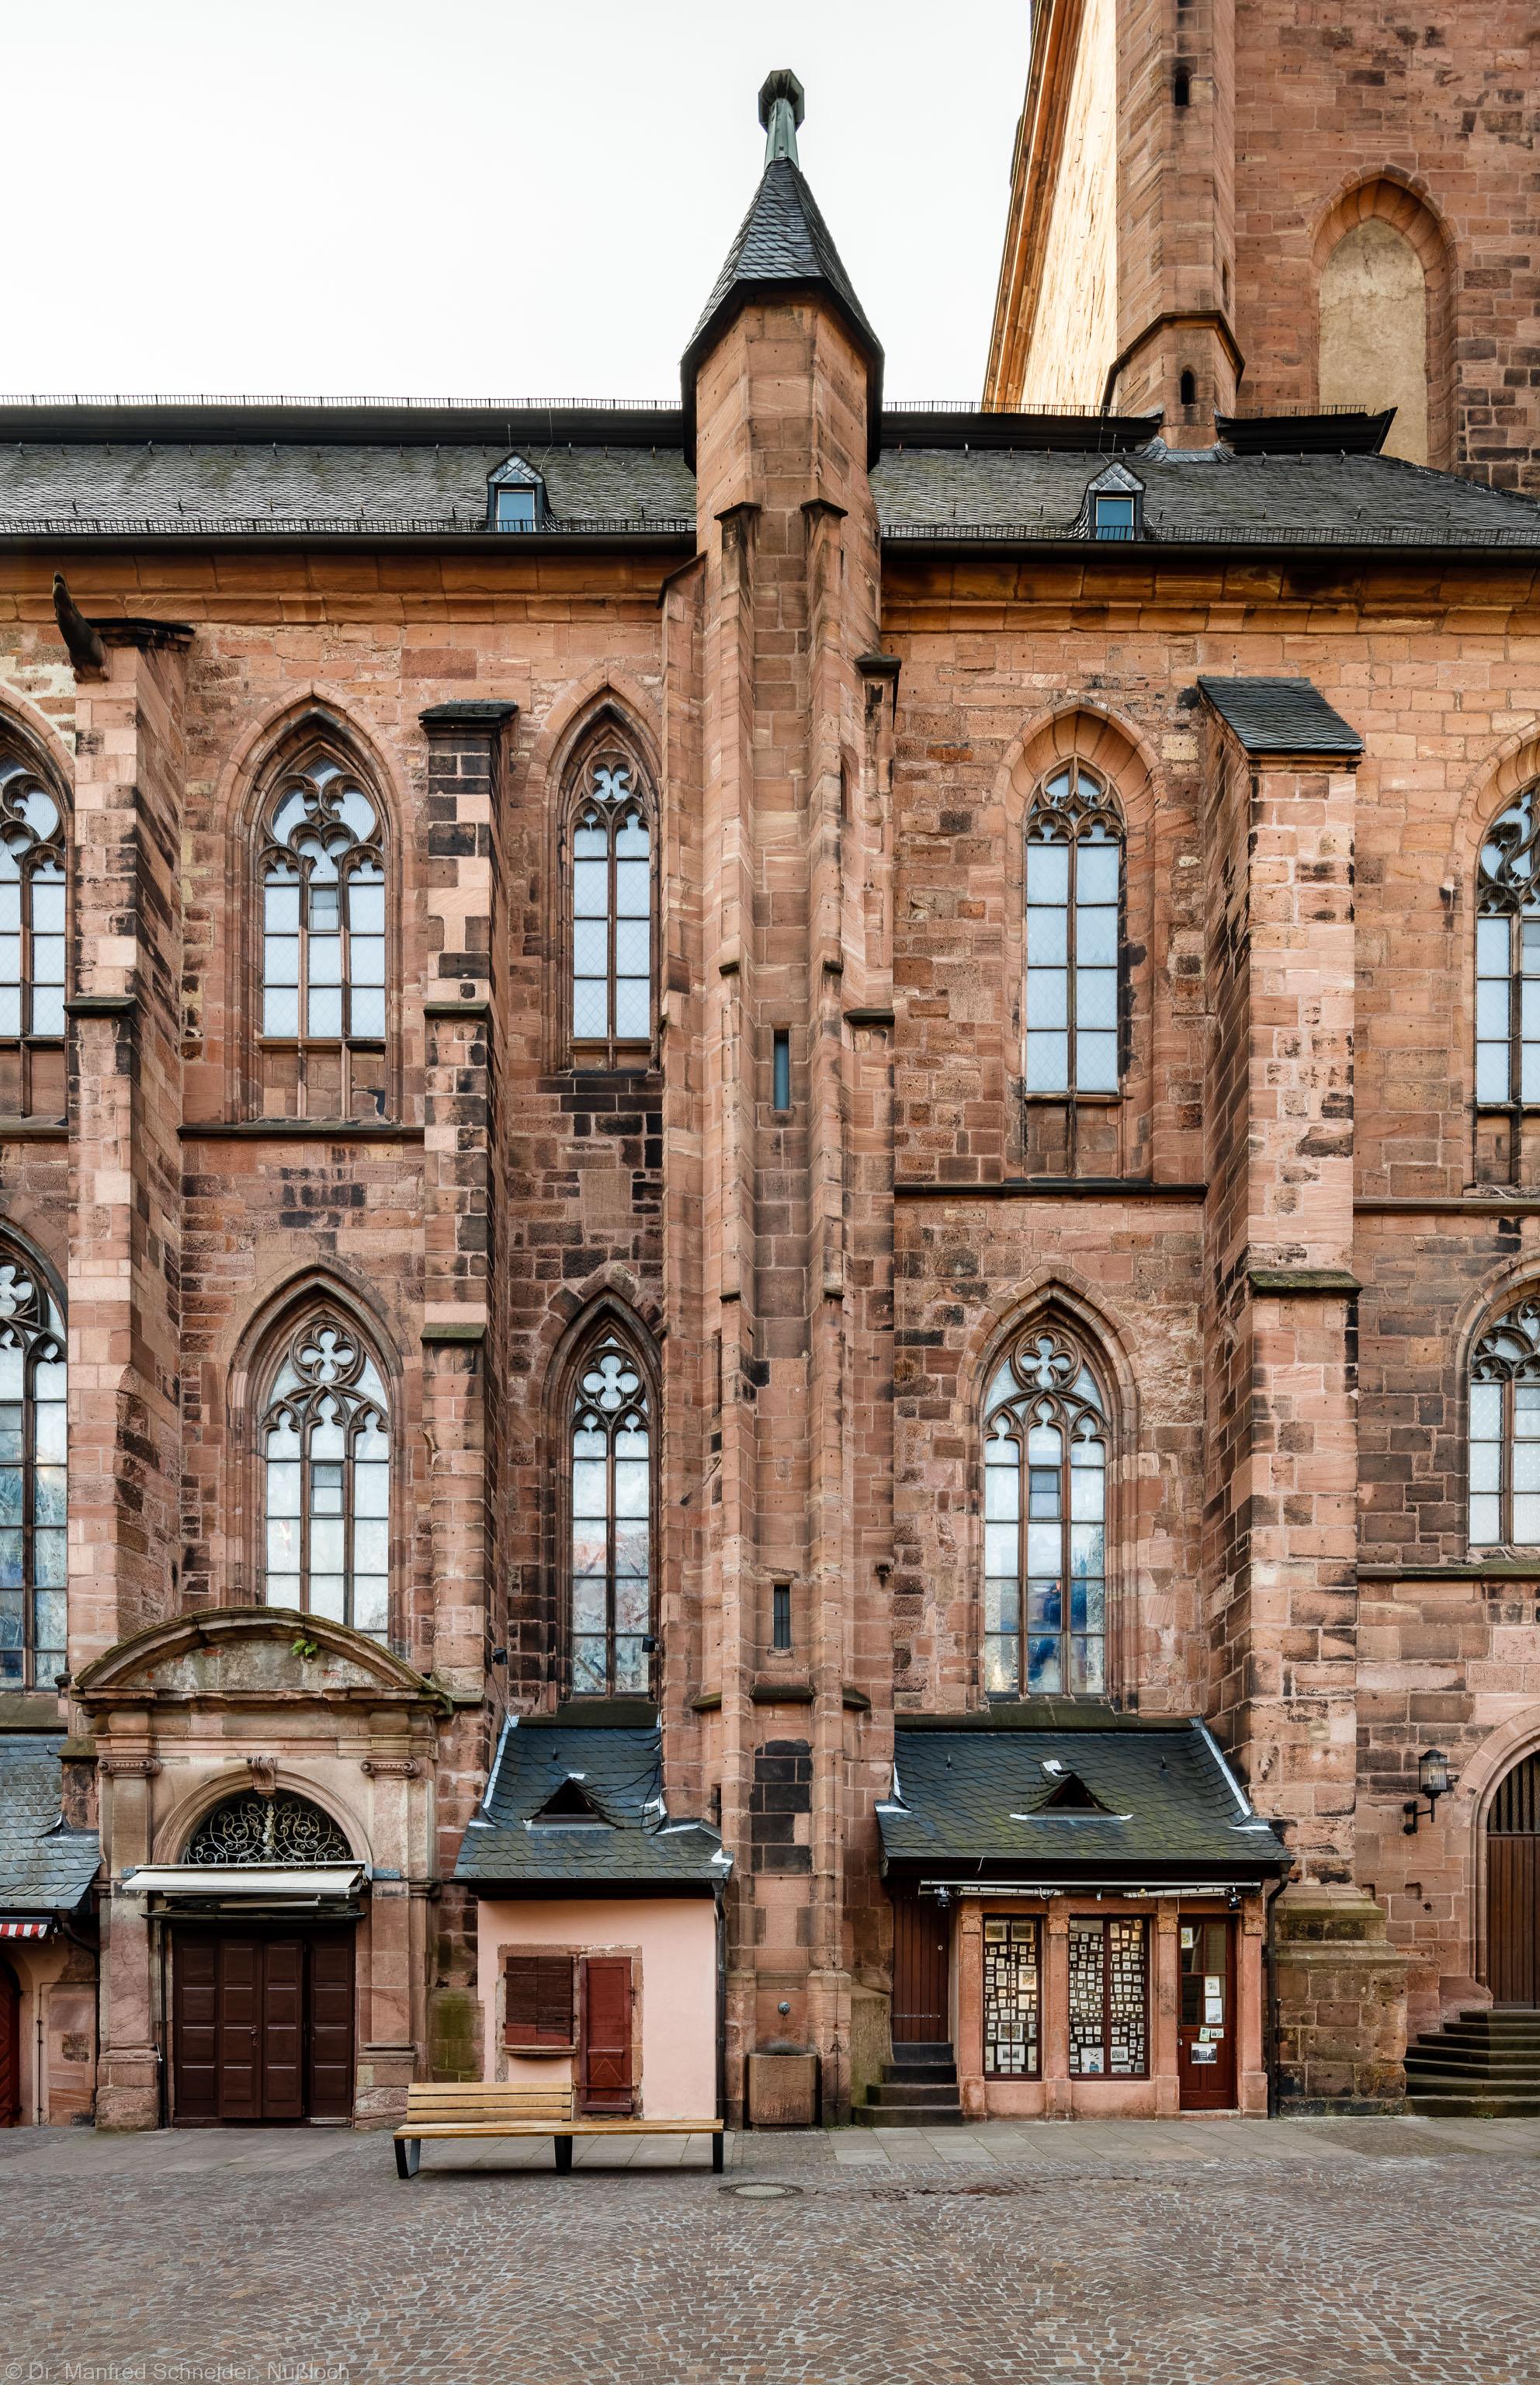 Heidelberg - Heiliggeistkirche - Aussen / Nord - Treppenturm - Blick auf den Aufgang zur Empore und zum Turm (aufgenommen im Oktober 2015, am späten Vormittag)